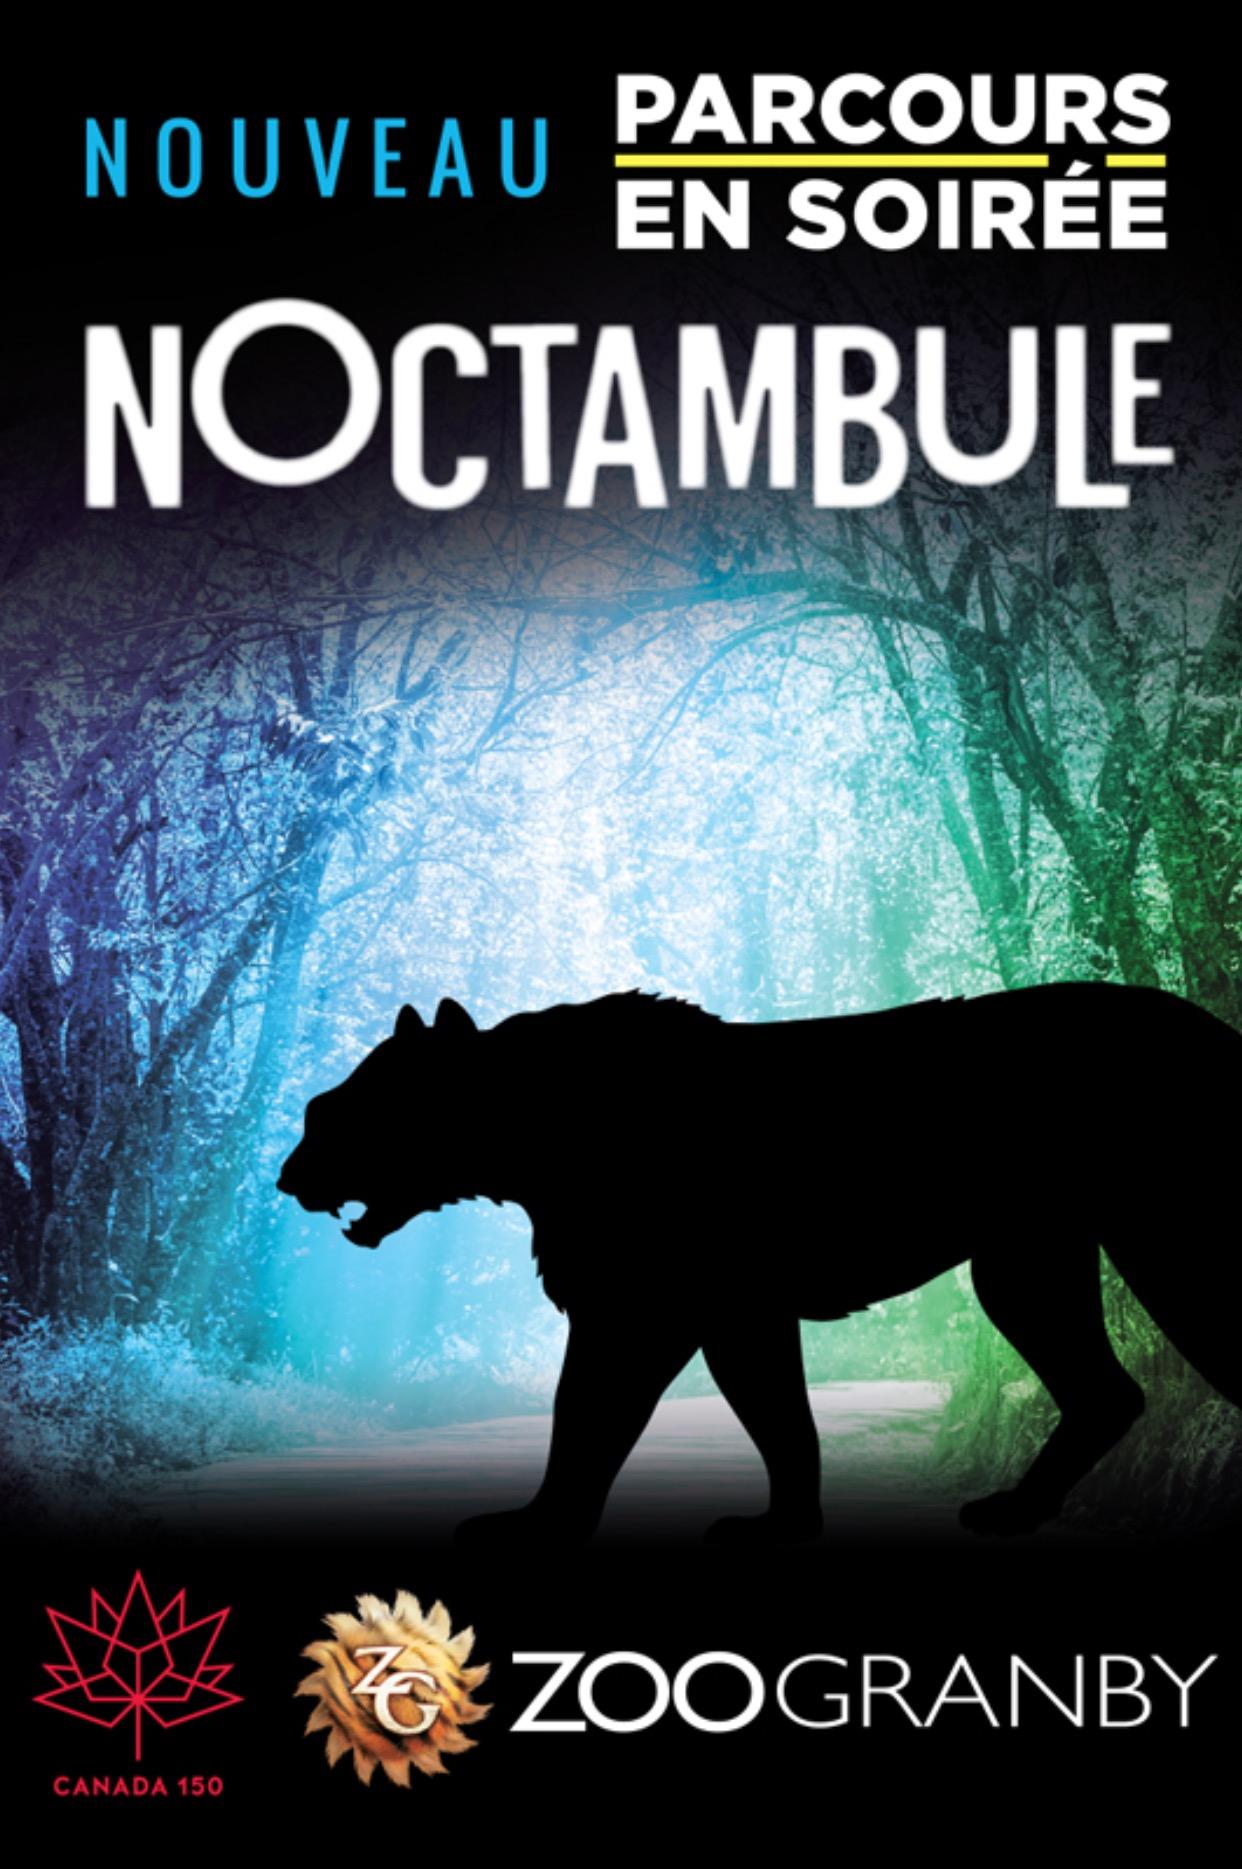 Concours Noctambule au Zoo de Granby